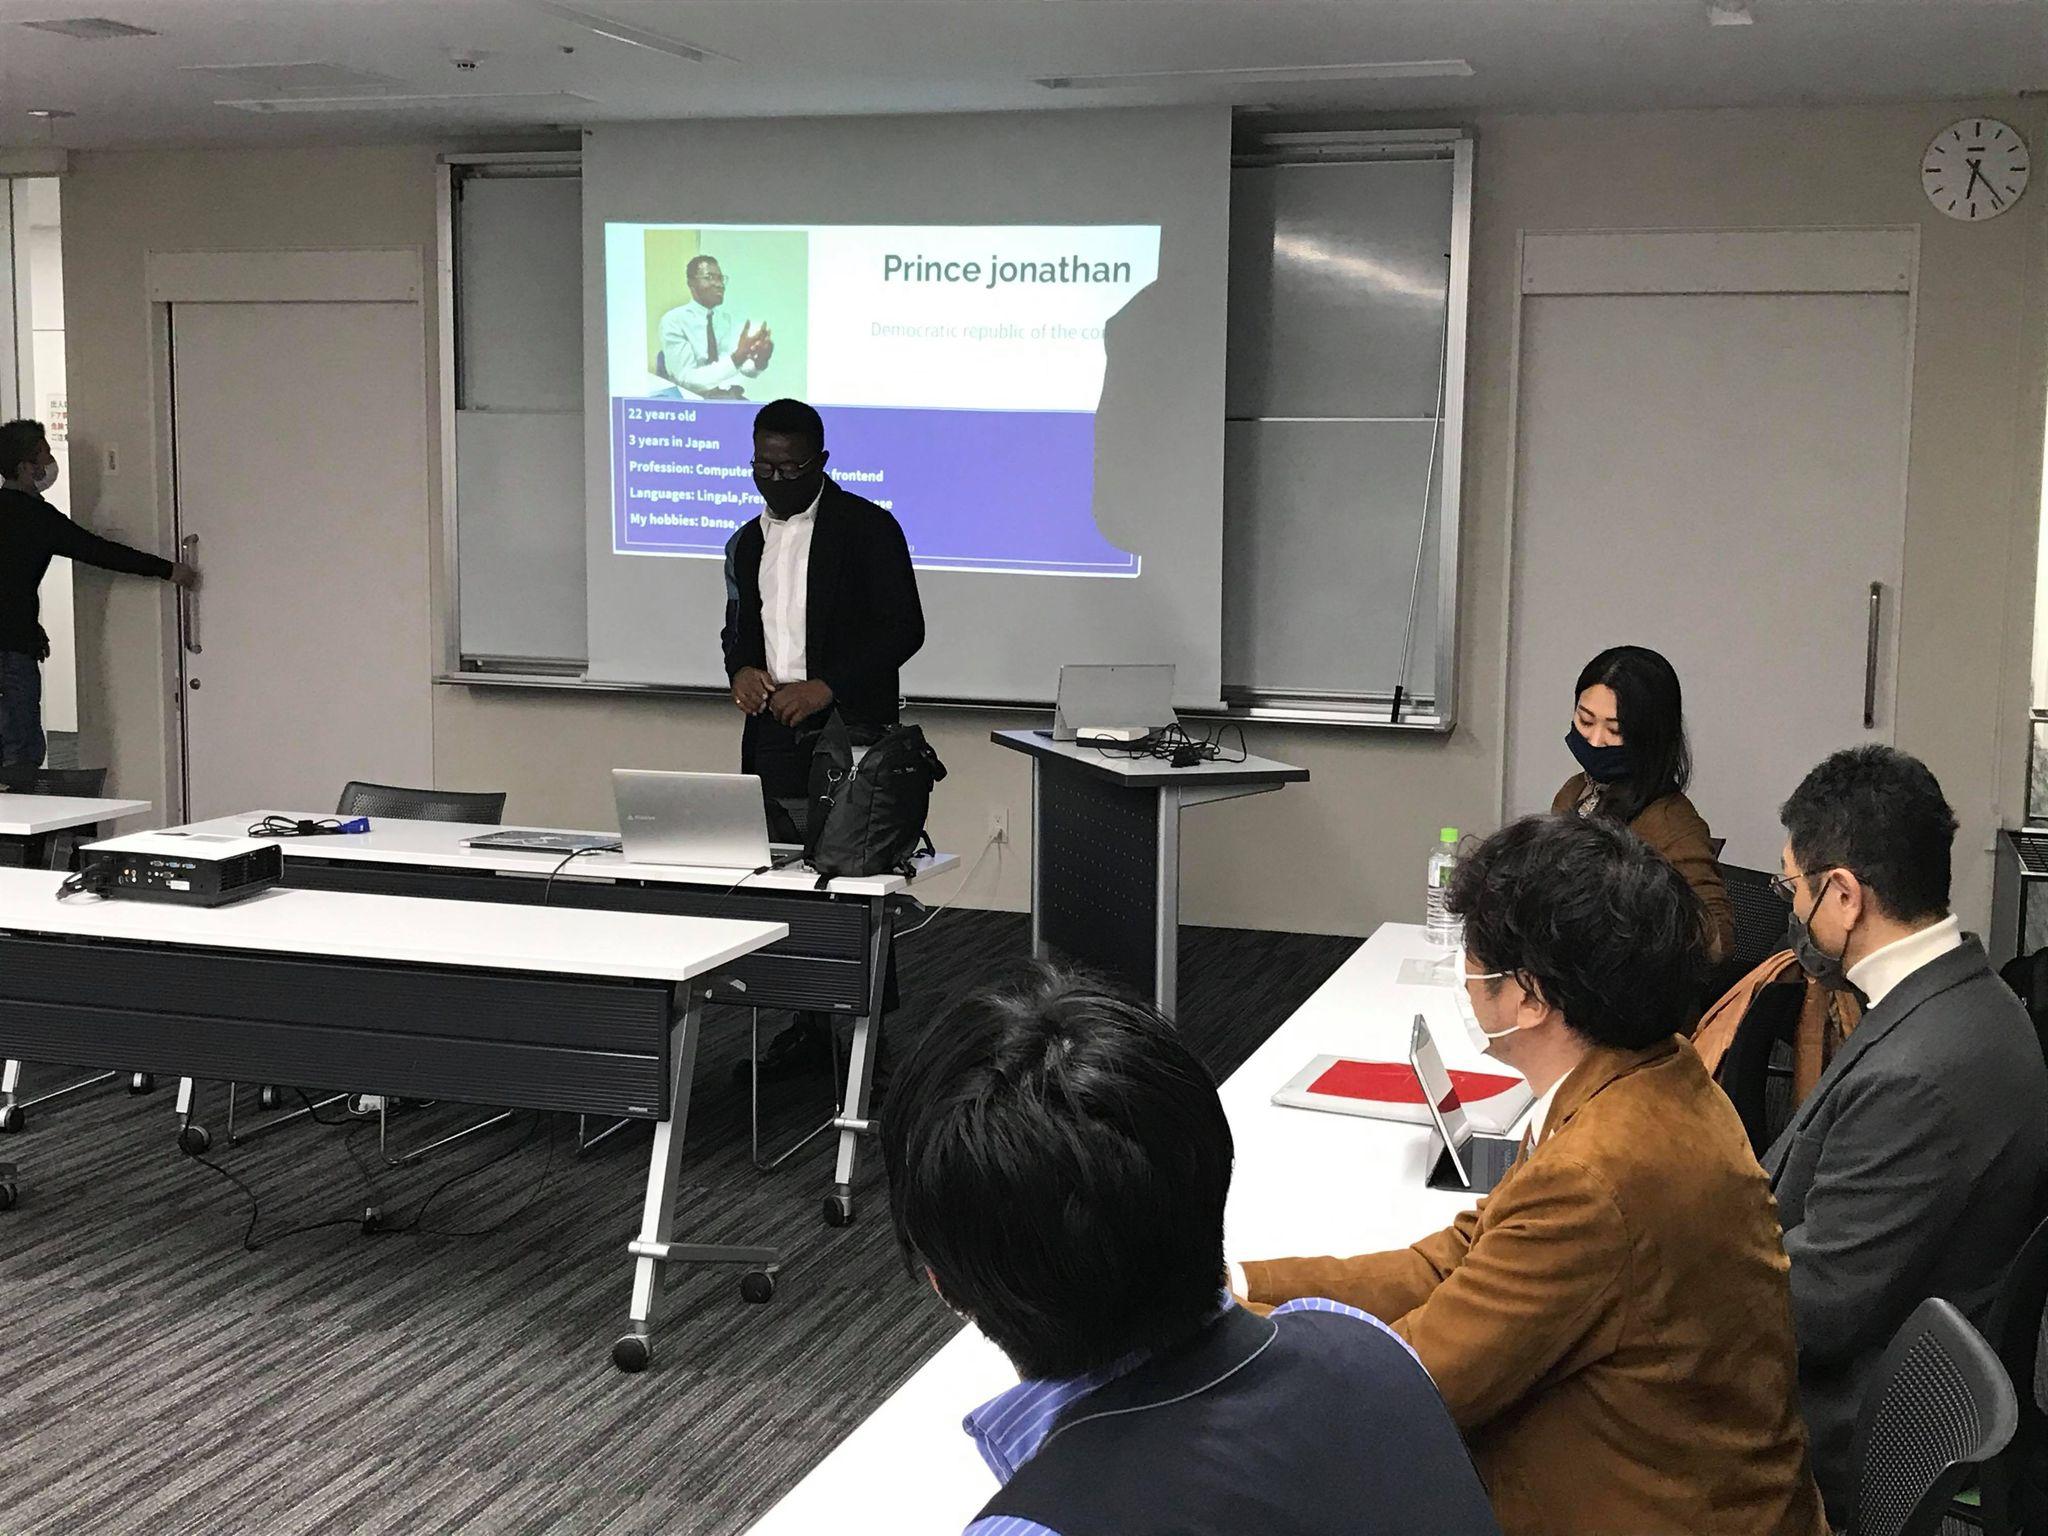 12月12日(土)18:00~ GILD(社会課題)会、アフリカ事業説明会を開催